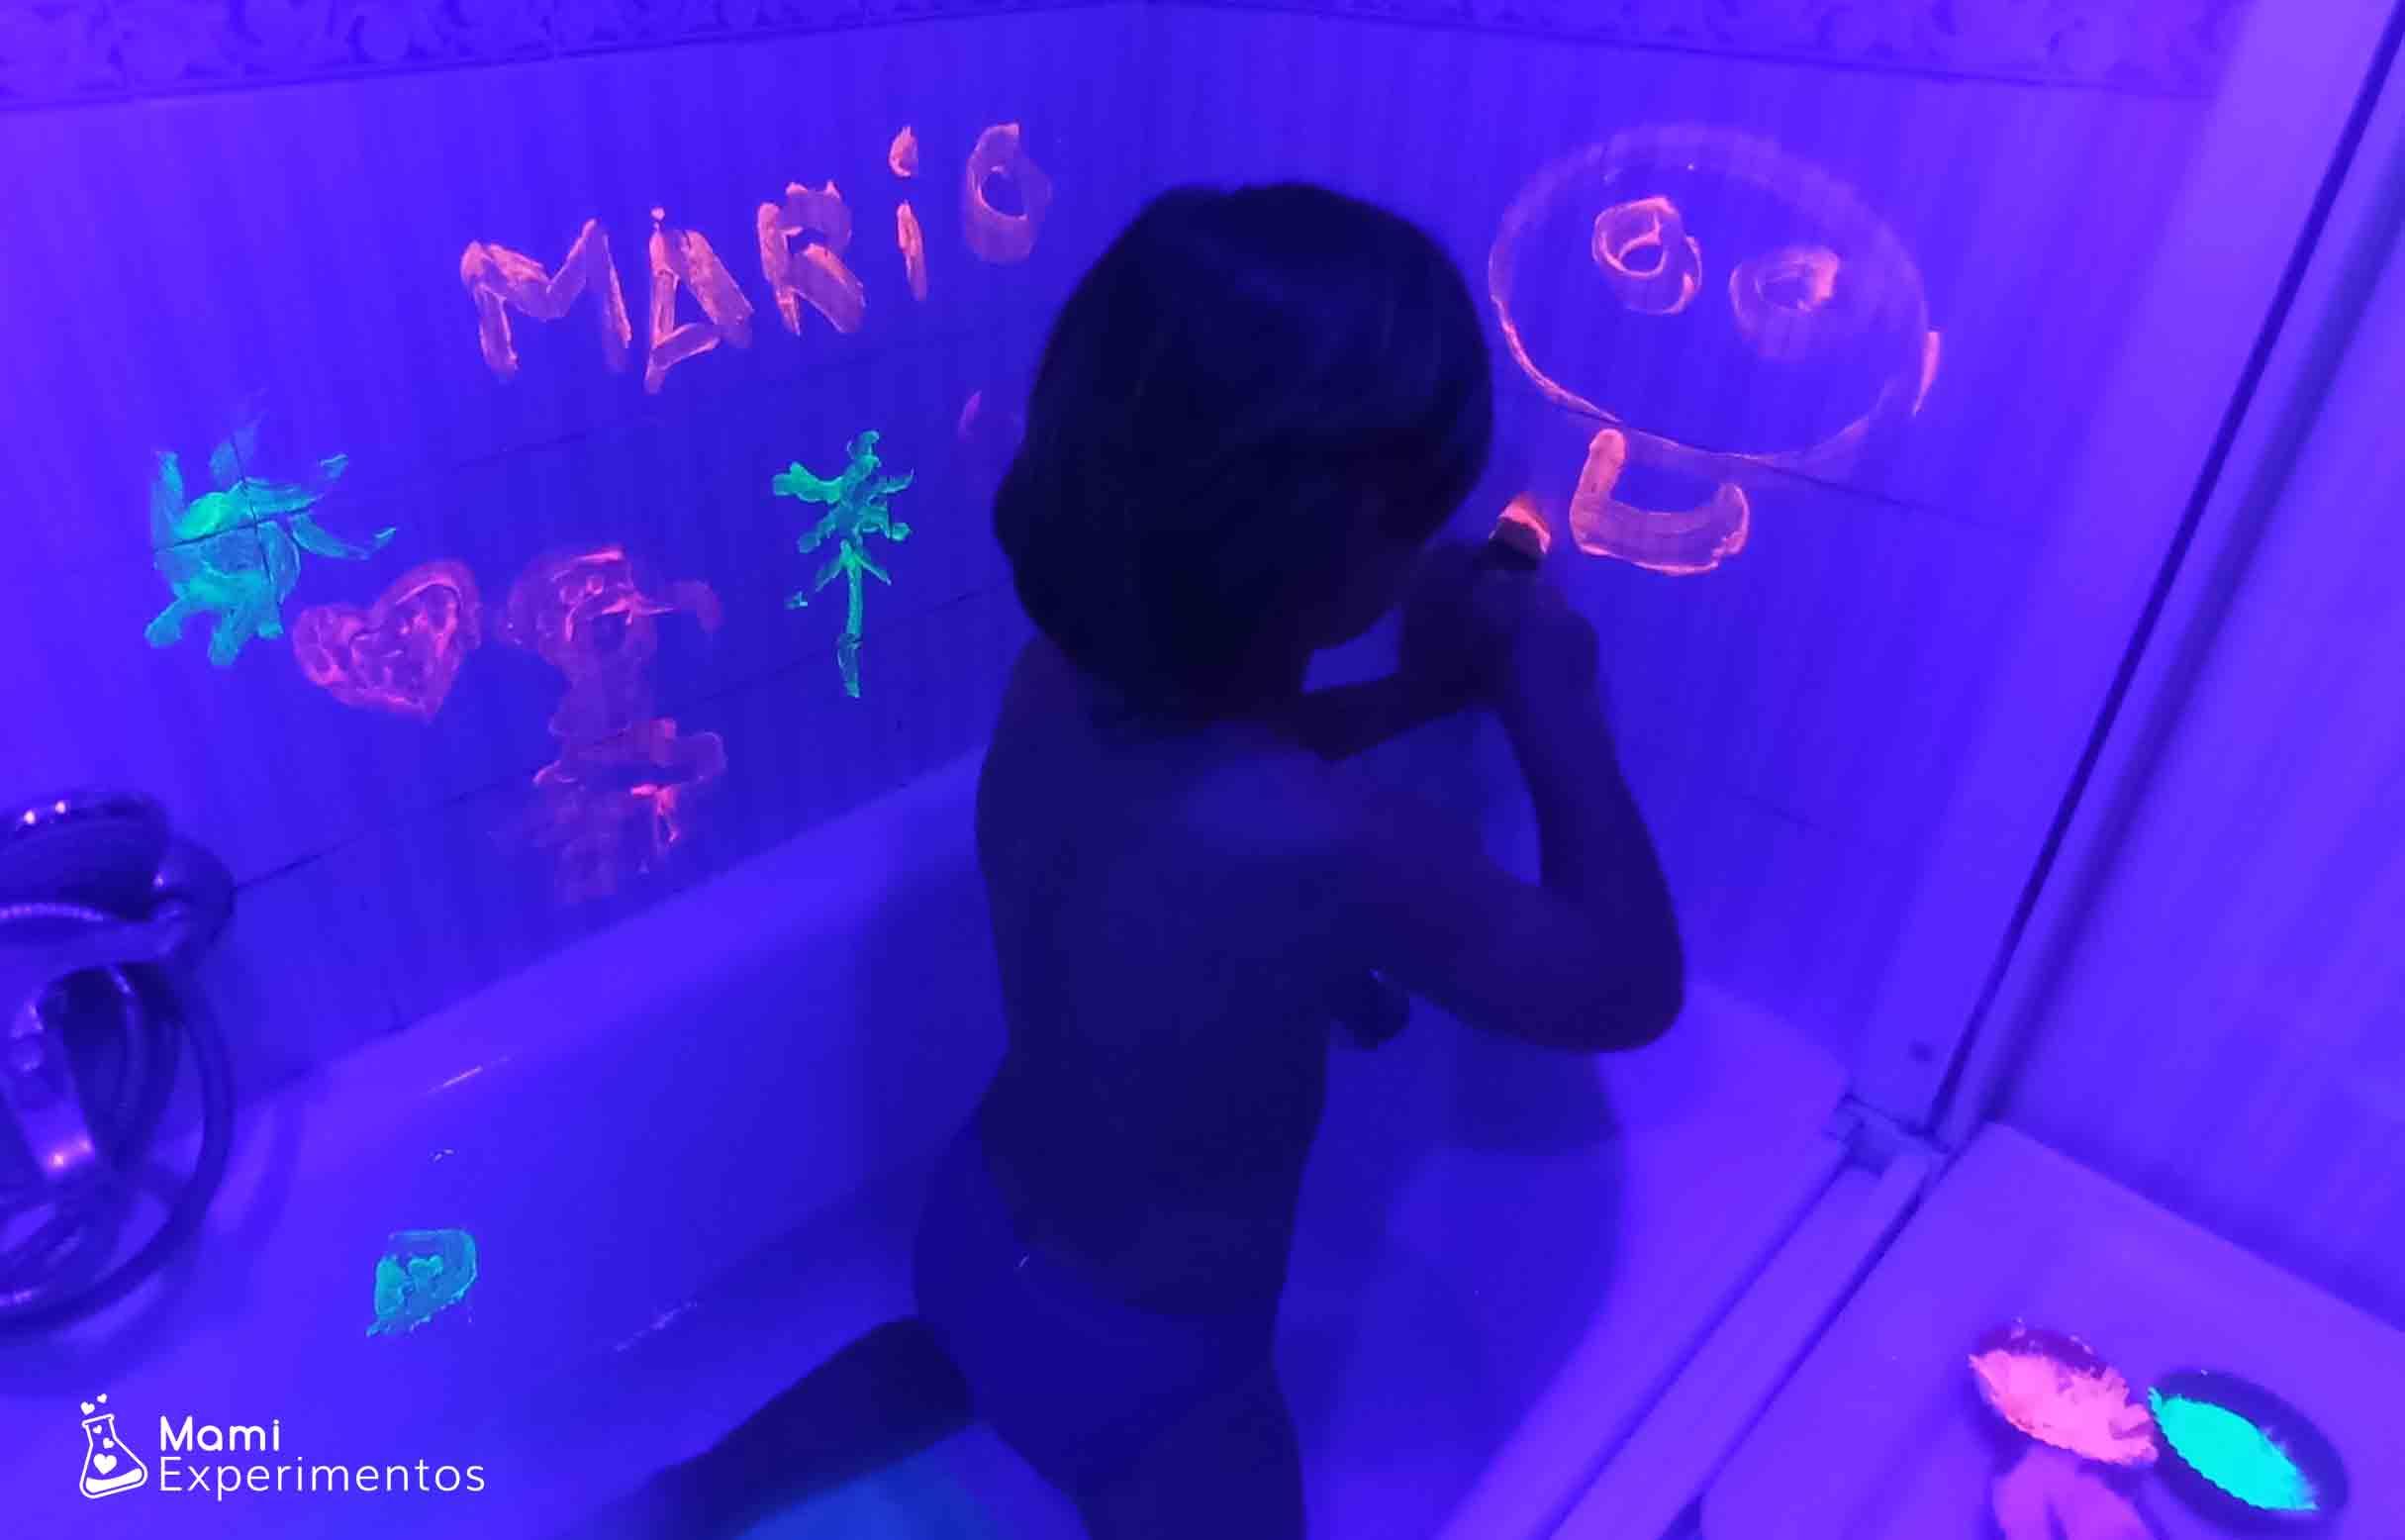 Disfrutando de un baño sensorial con pinturas fluorescentes y luz negra